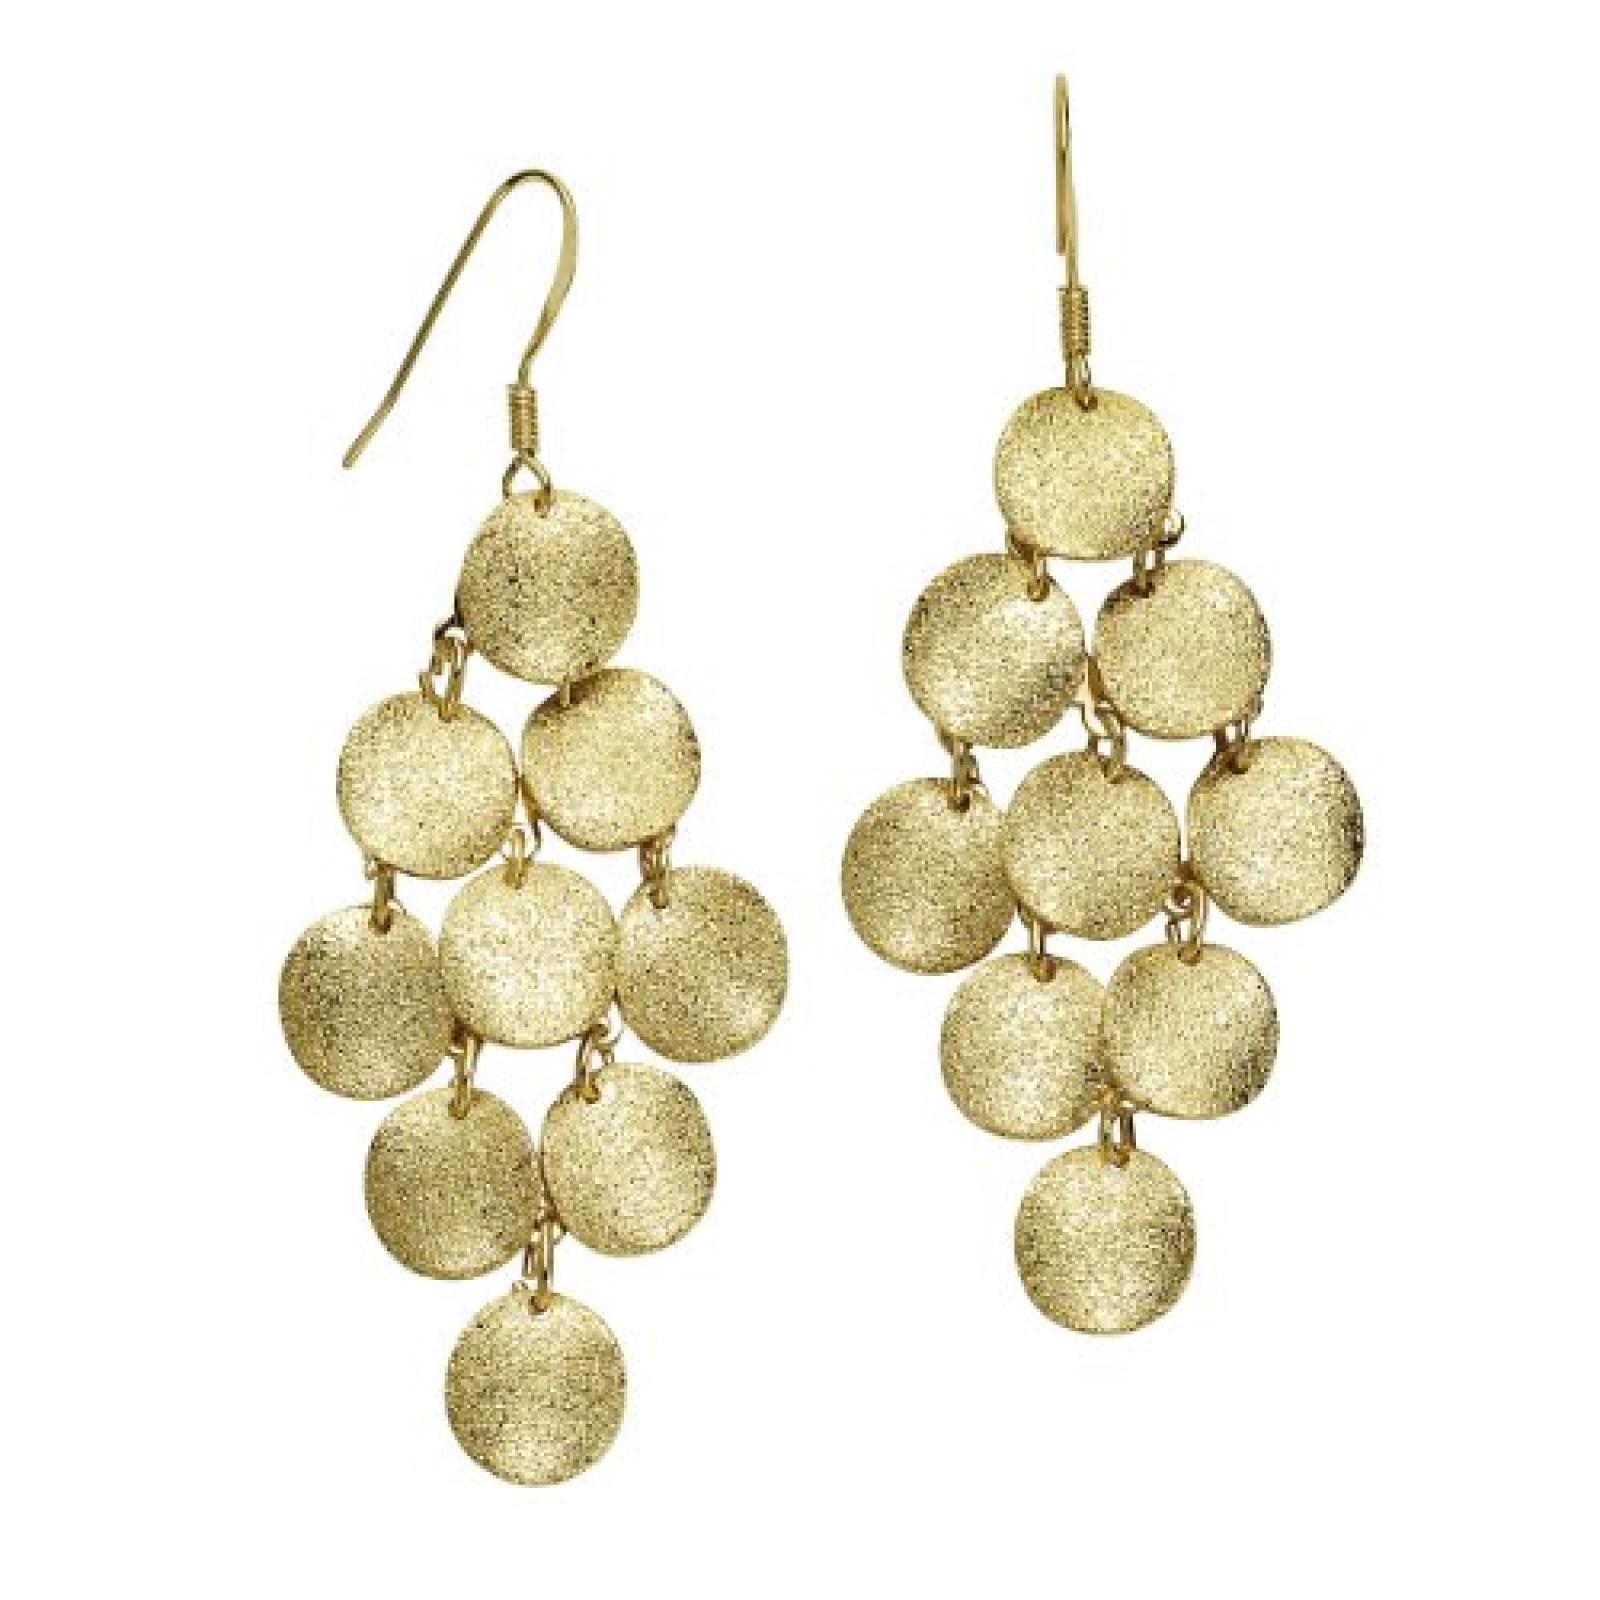 ZEEme Damen-Ohrhänger Metall gold 97 mm 374030018